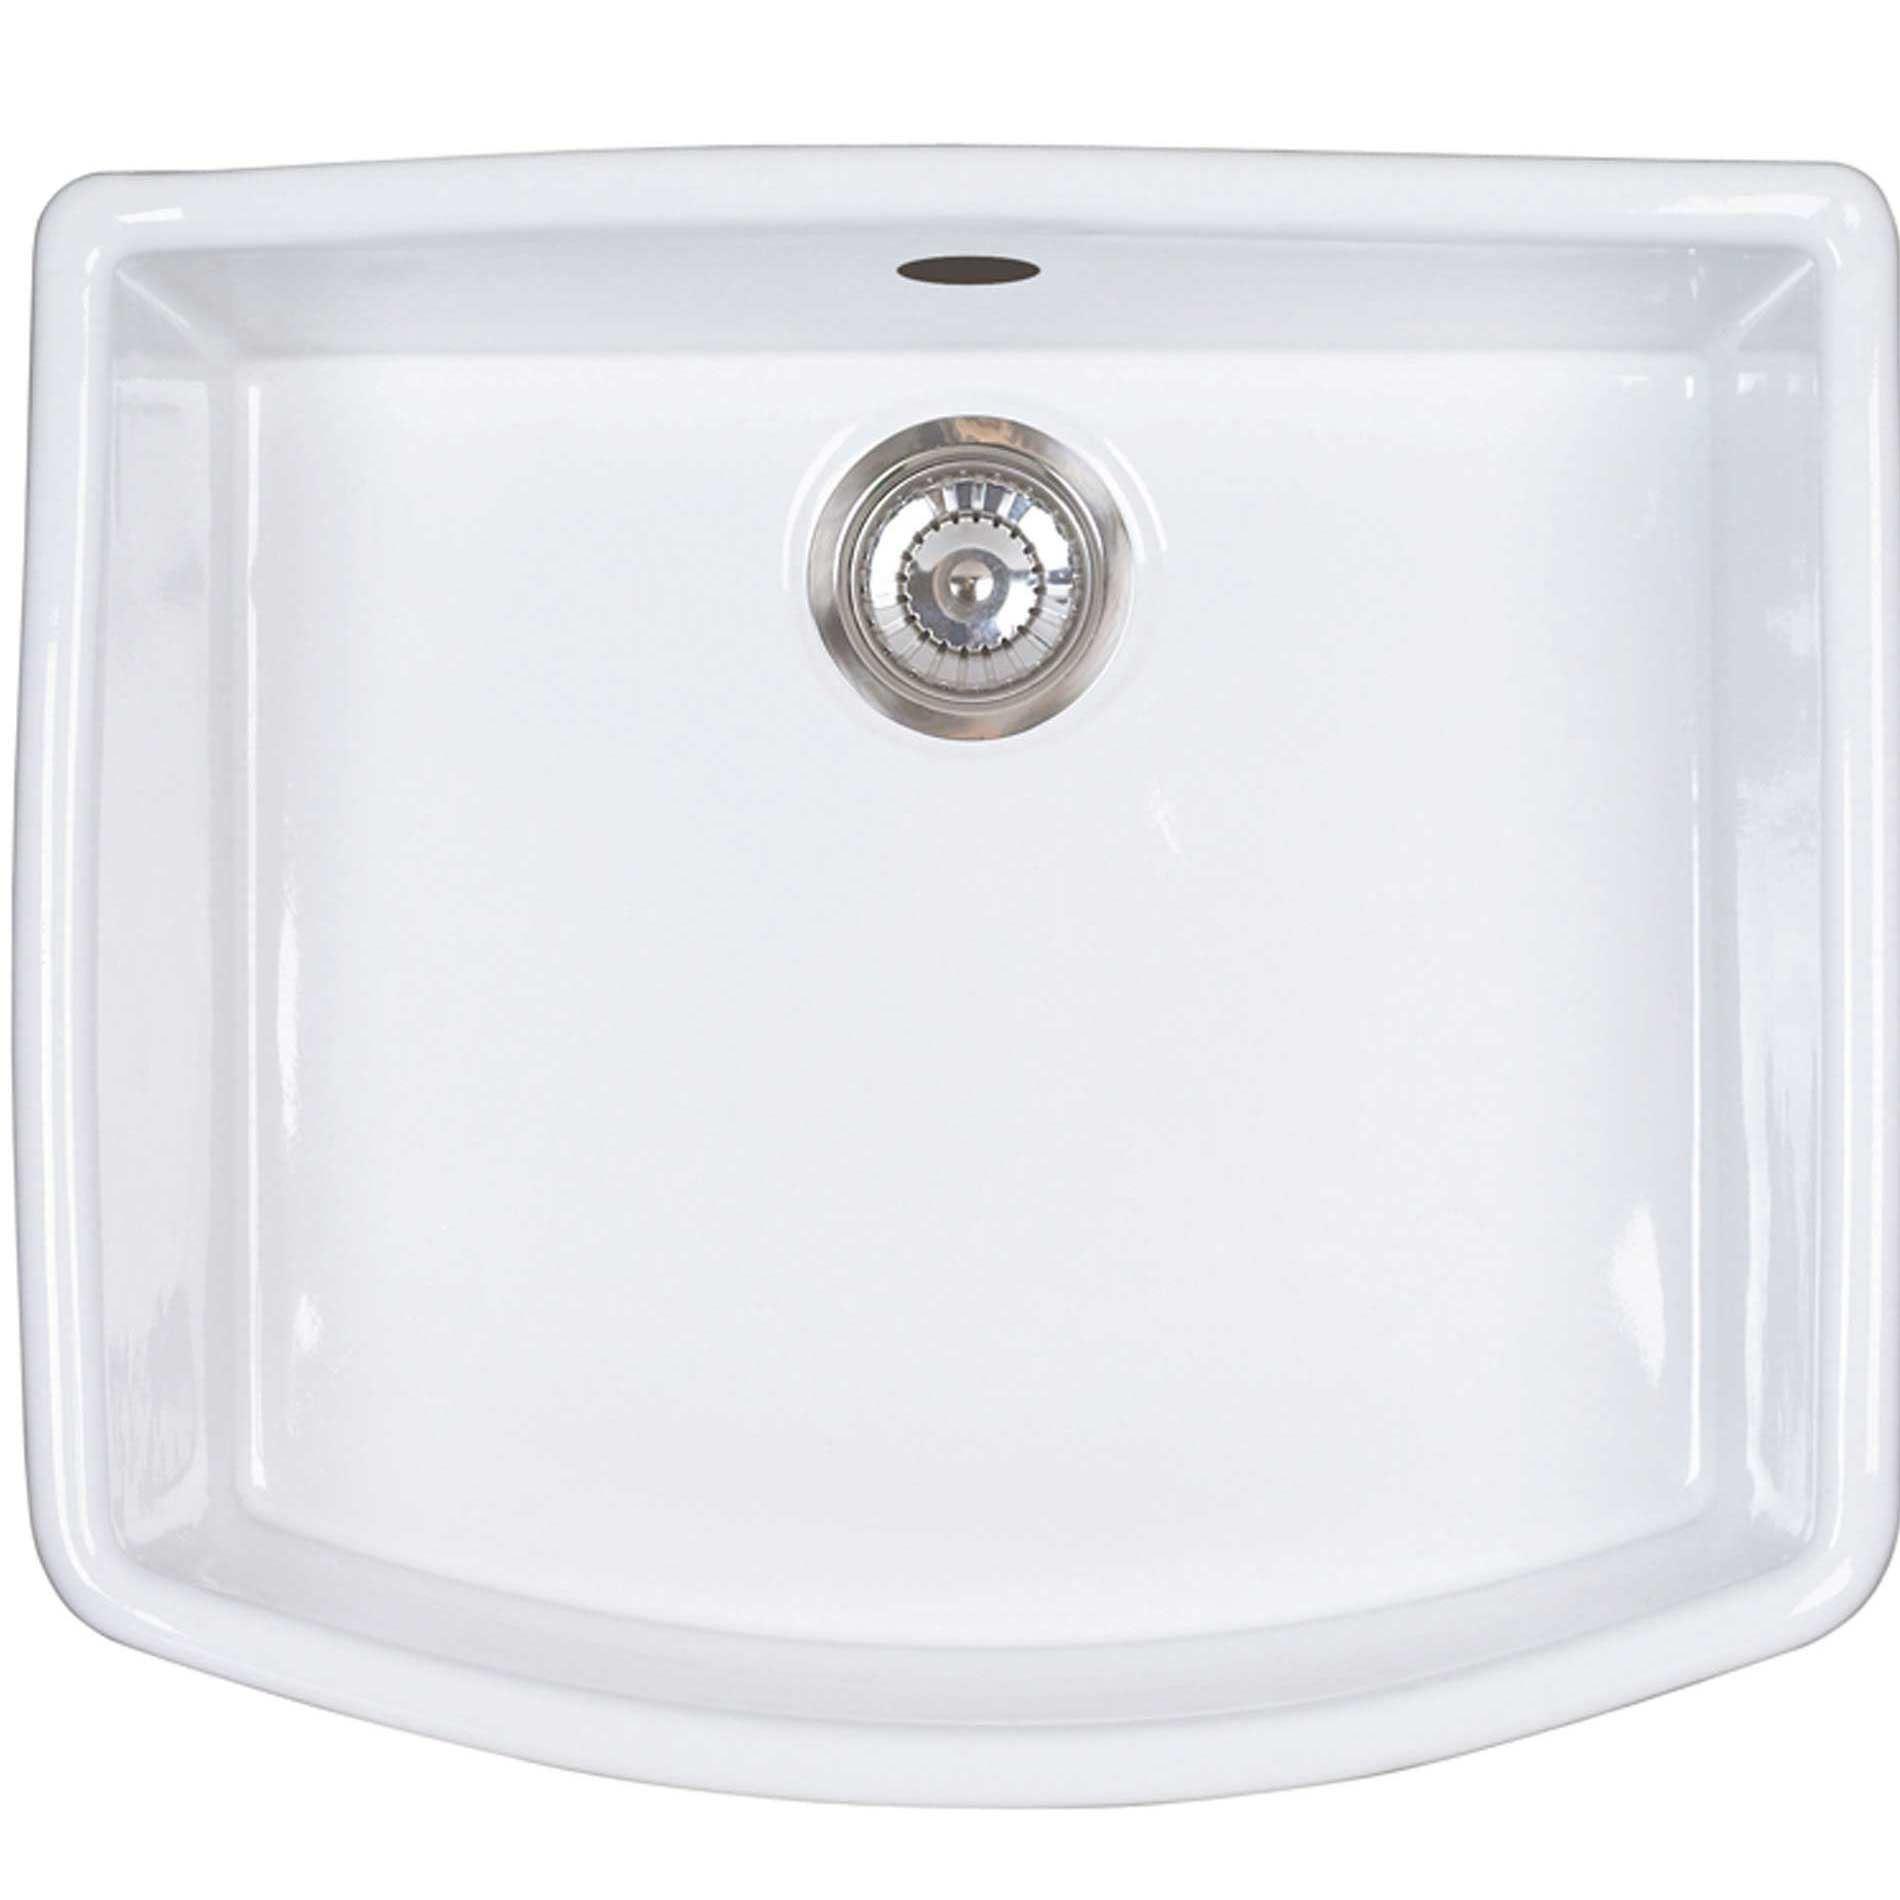 Astracast Kitchen Sinks Astracast edinburgh ceramic sink kitchen sinks taps picture of edinburgh ceramic sink workwithnaturefo